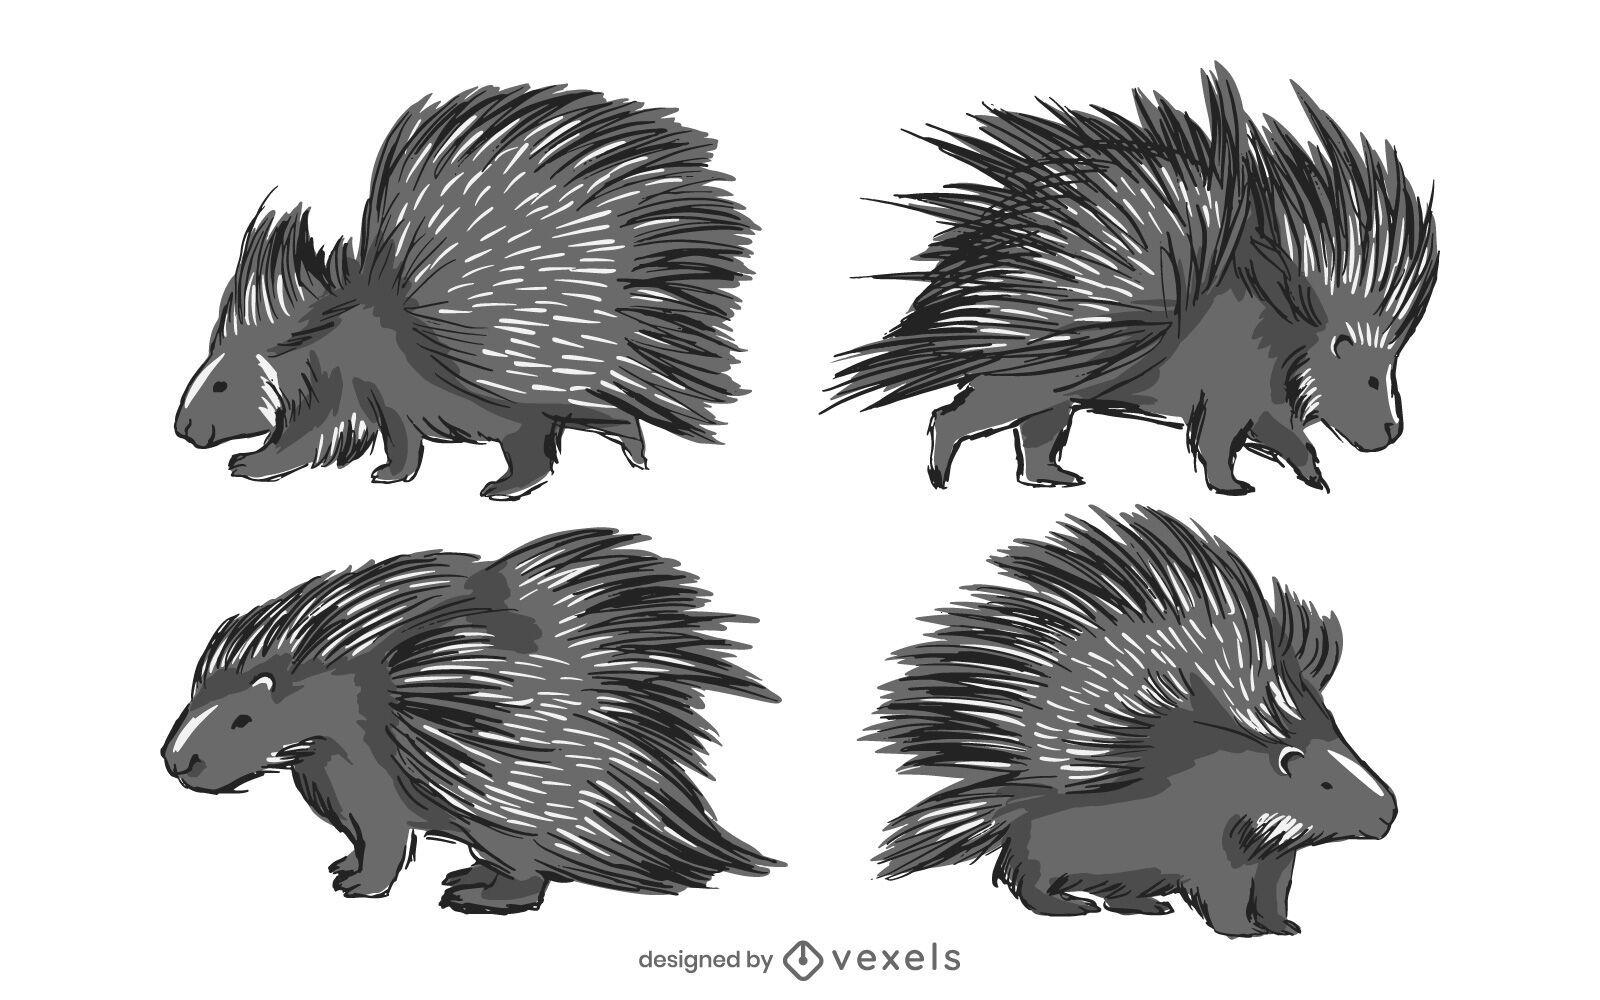 Porcupine illustration set